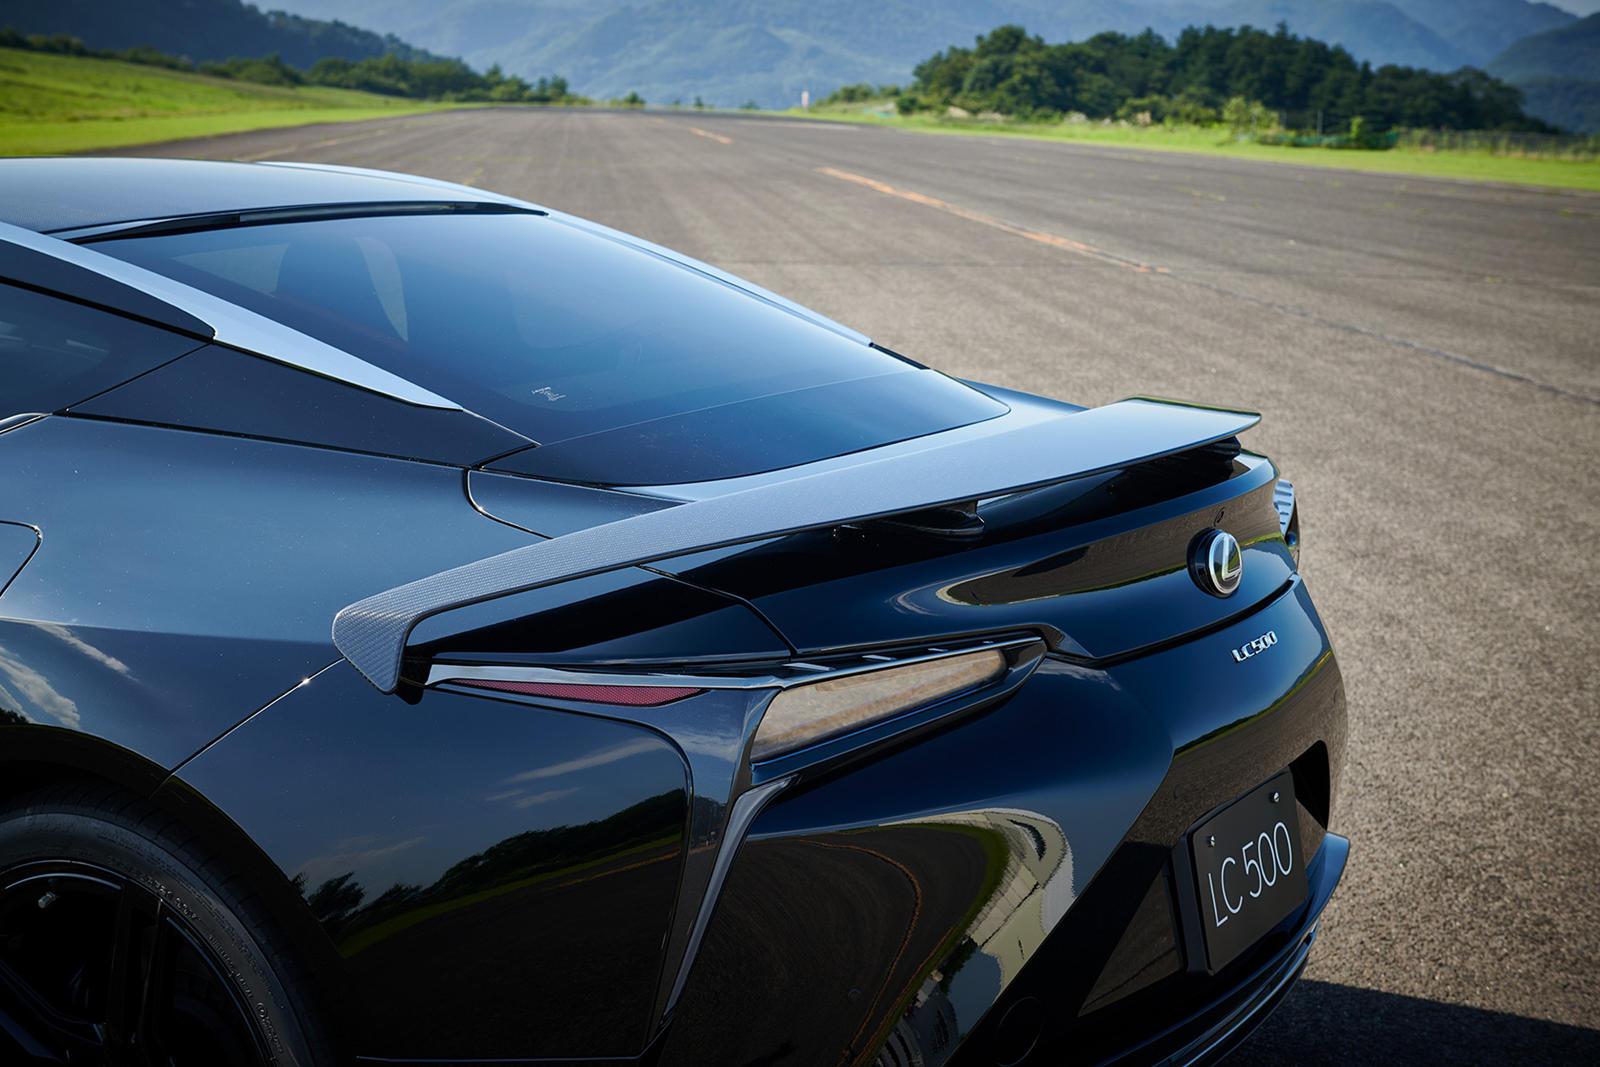 Для этого были усовершенствованы аэродинамические характеристики из армированного карбоном пластика (CFRP), а заднее крыло из карбона было разработано исключительно для модели ограниченной серии. Оно было разработано с использованием аэродинамических